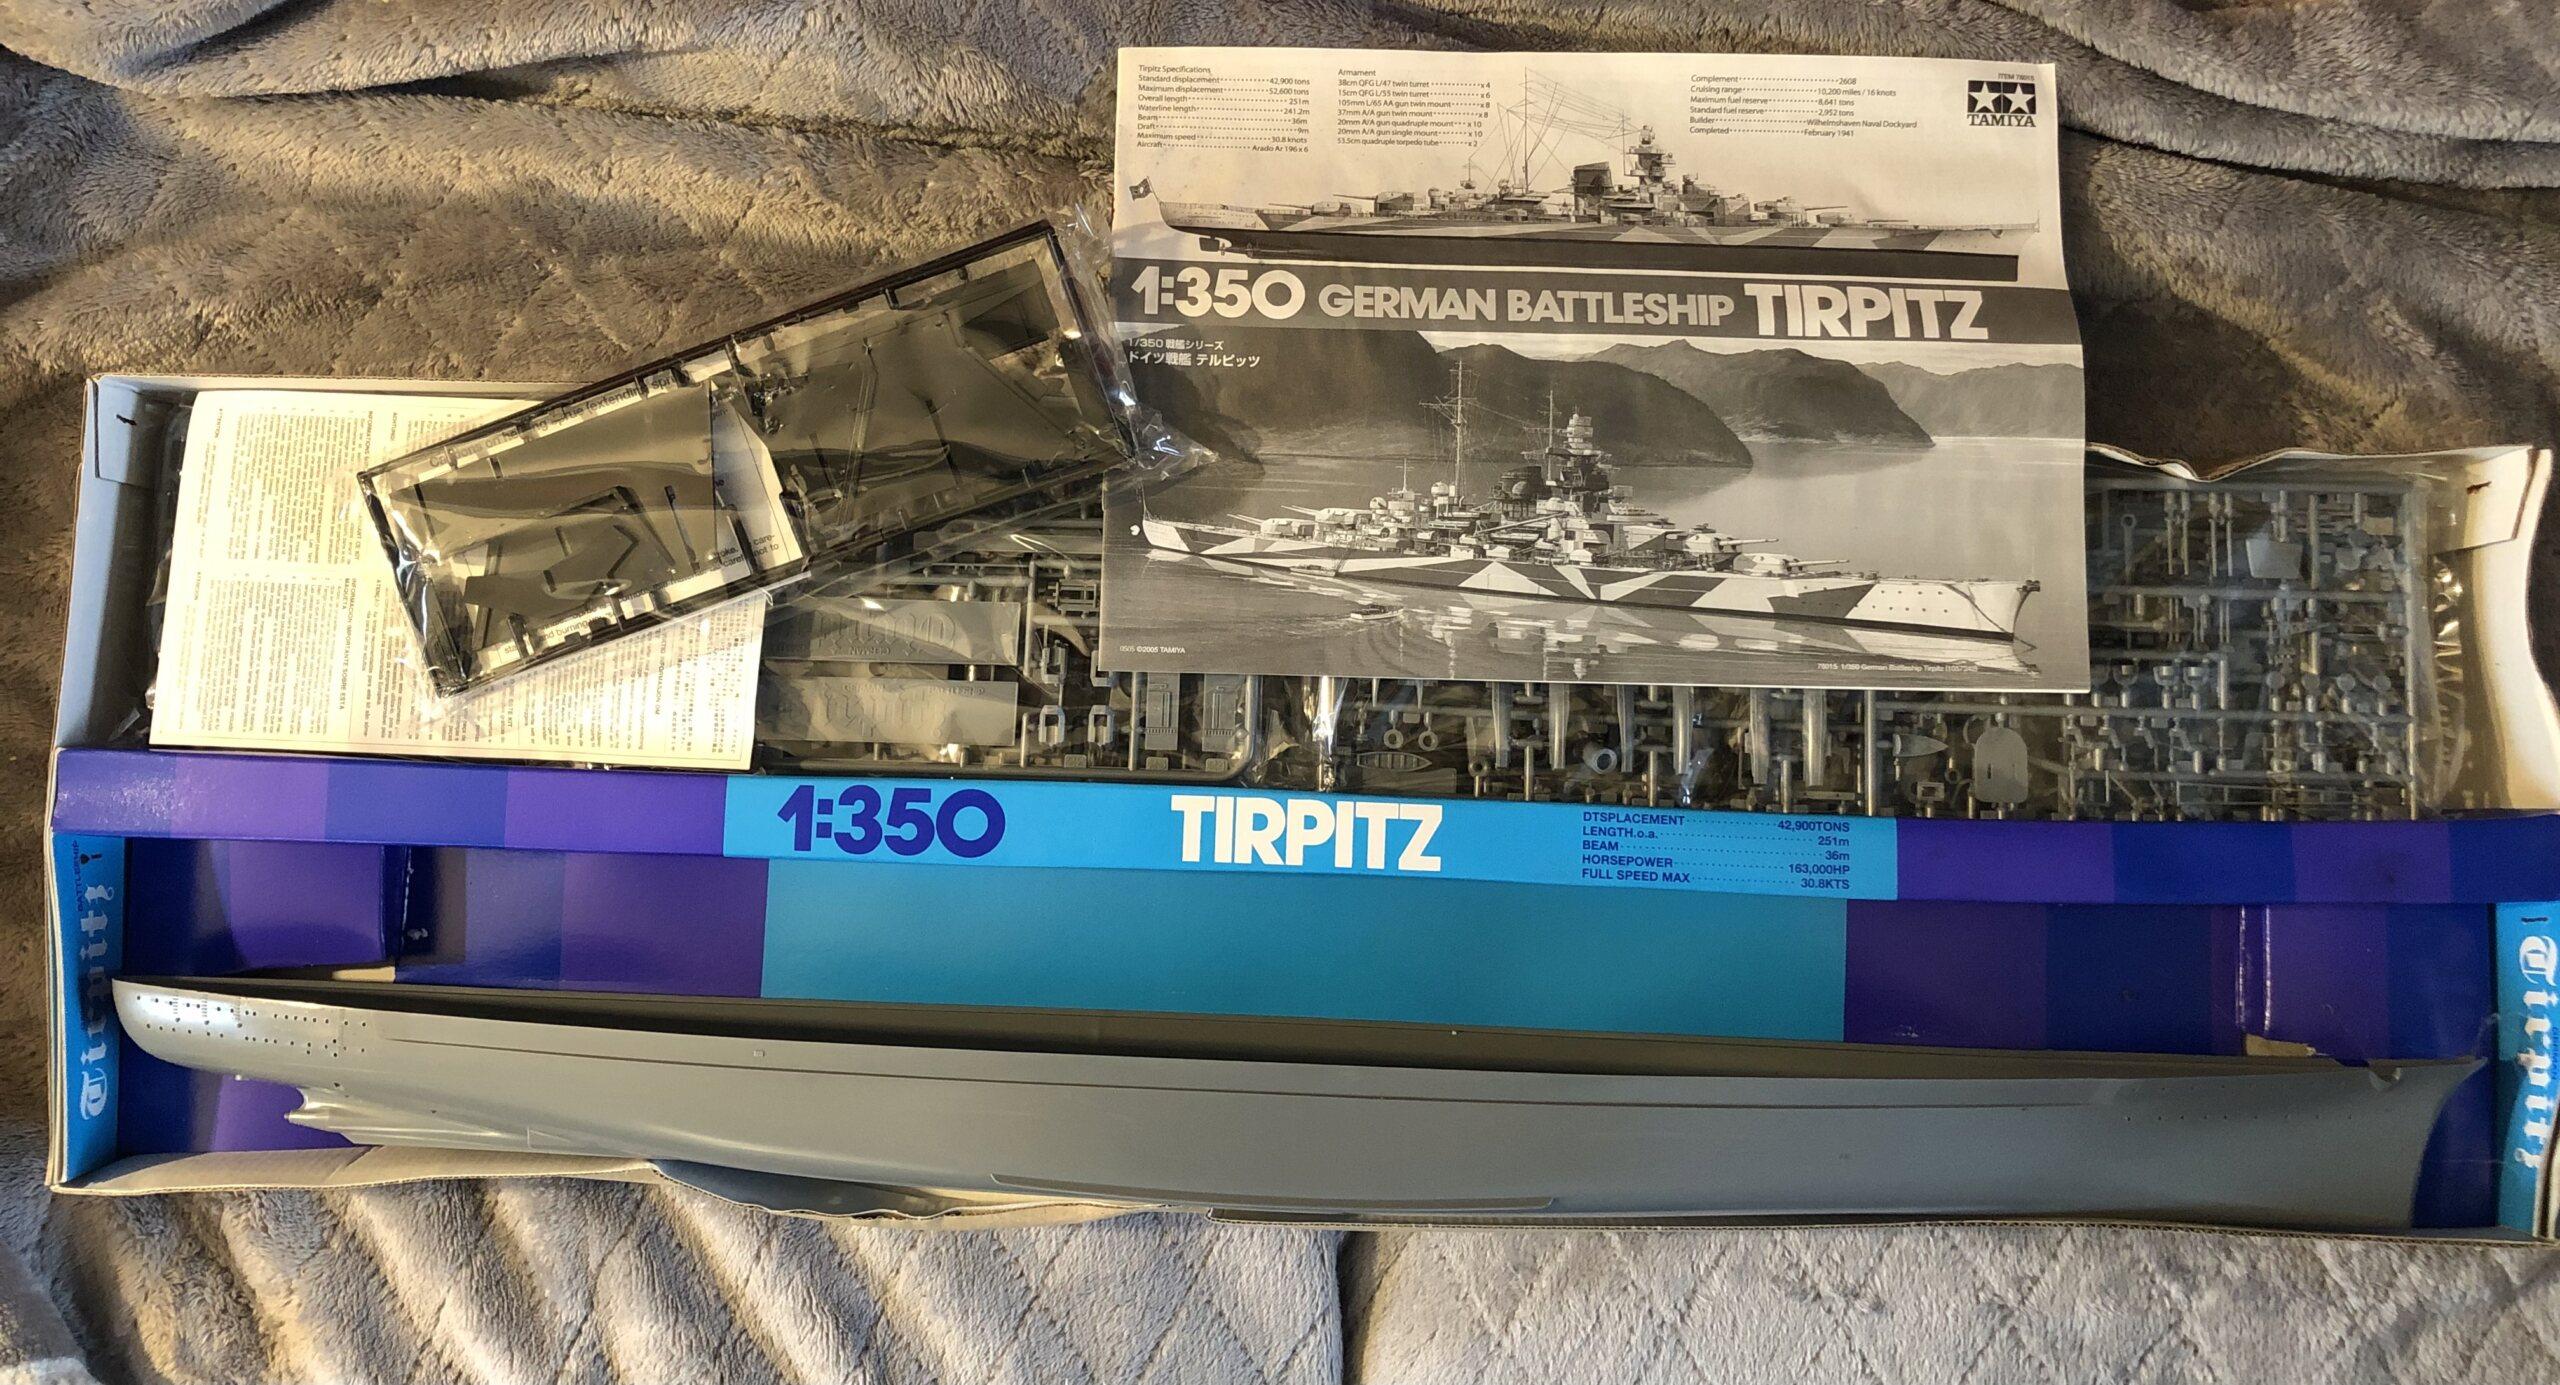 Tirpitz 1/350 Tamiya + eduard - Eric78 7b511d10